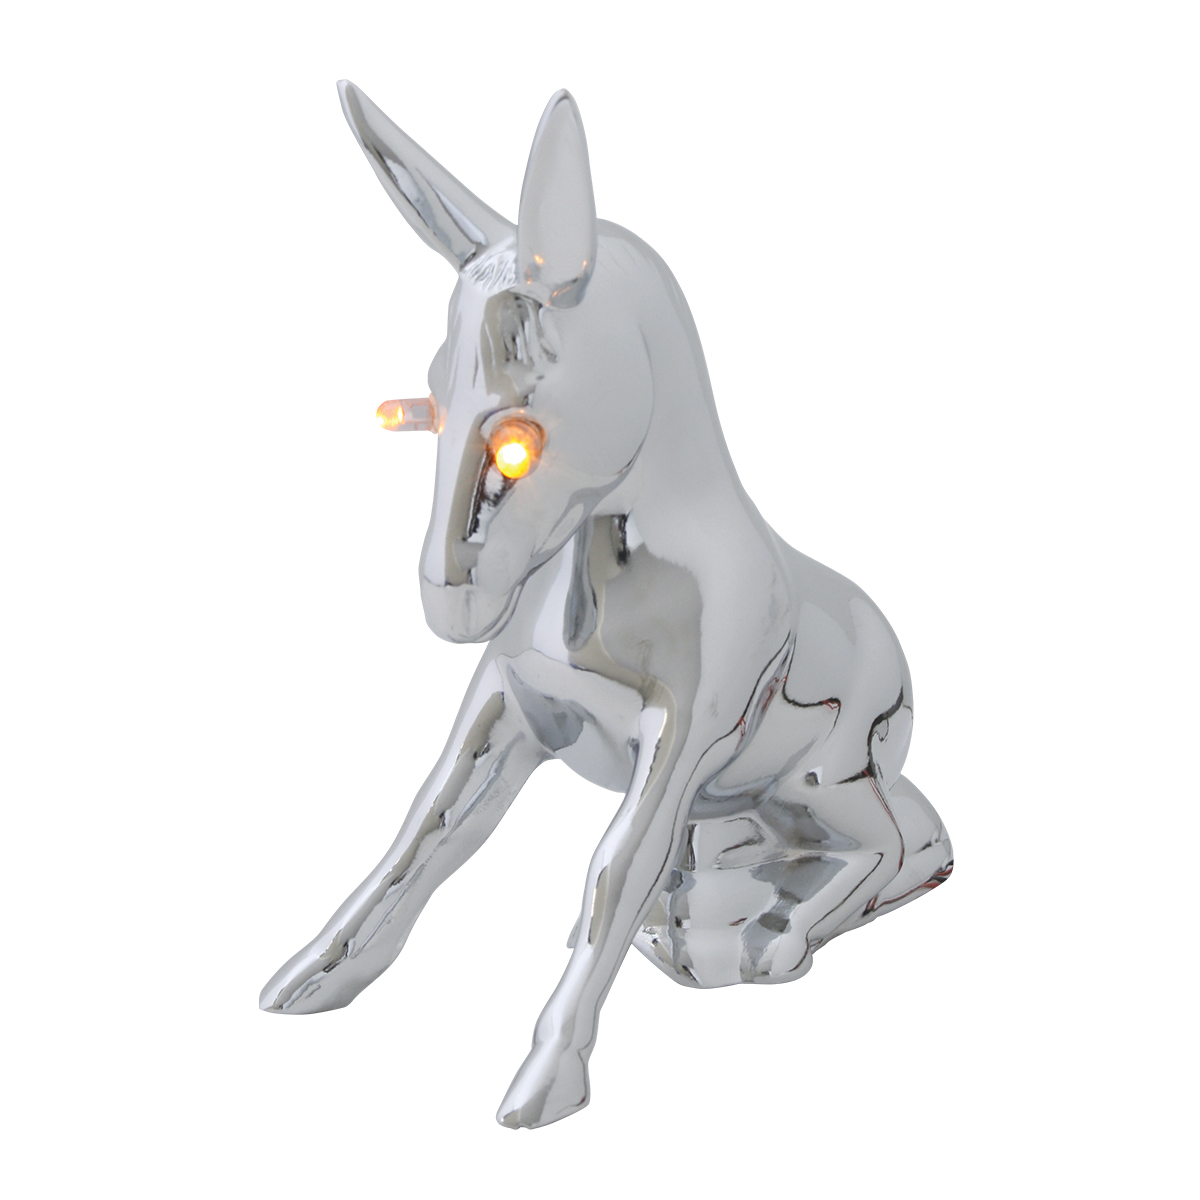 Chrome Die Cast Novelty Donkey w/Illuminated Eyes